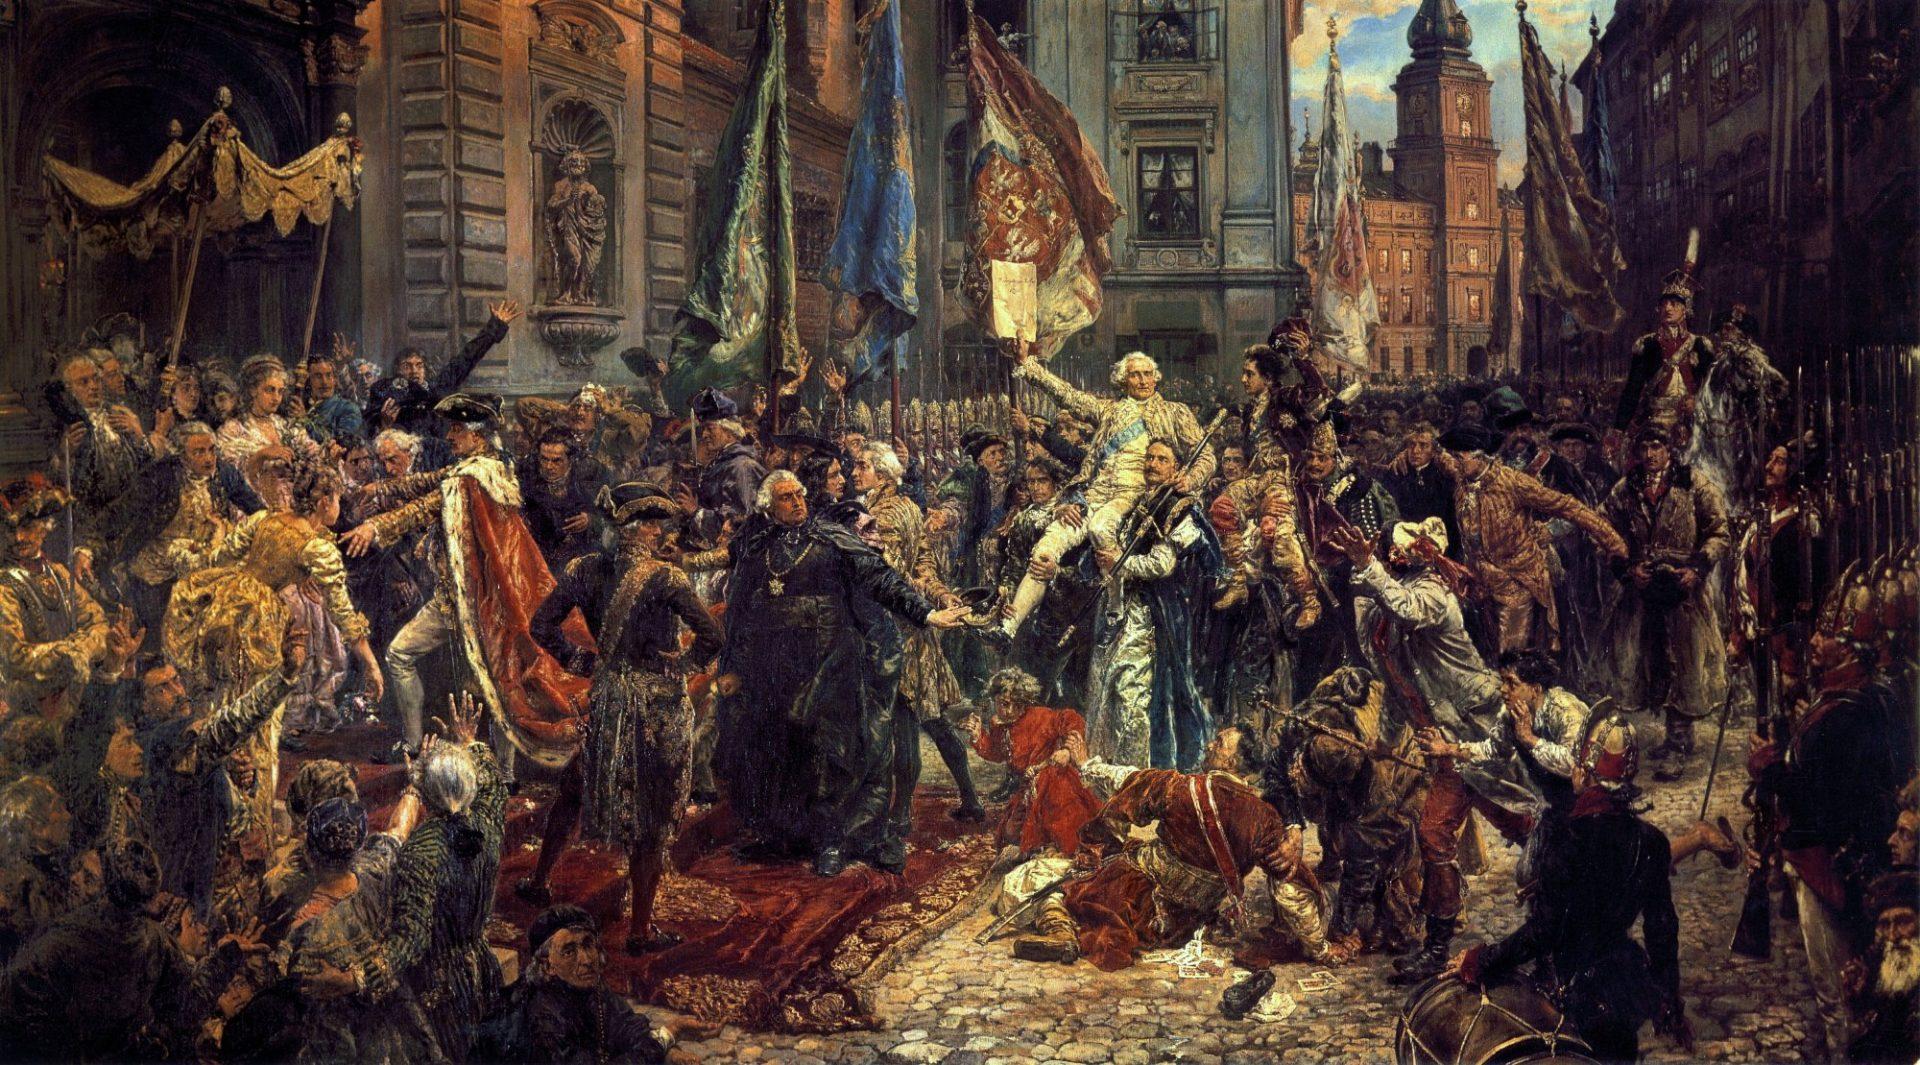 Listy do redakcji: Dlaczego Konstytucja 3 Maja nie mogła uratować Rzeczypospolitej